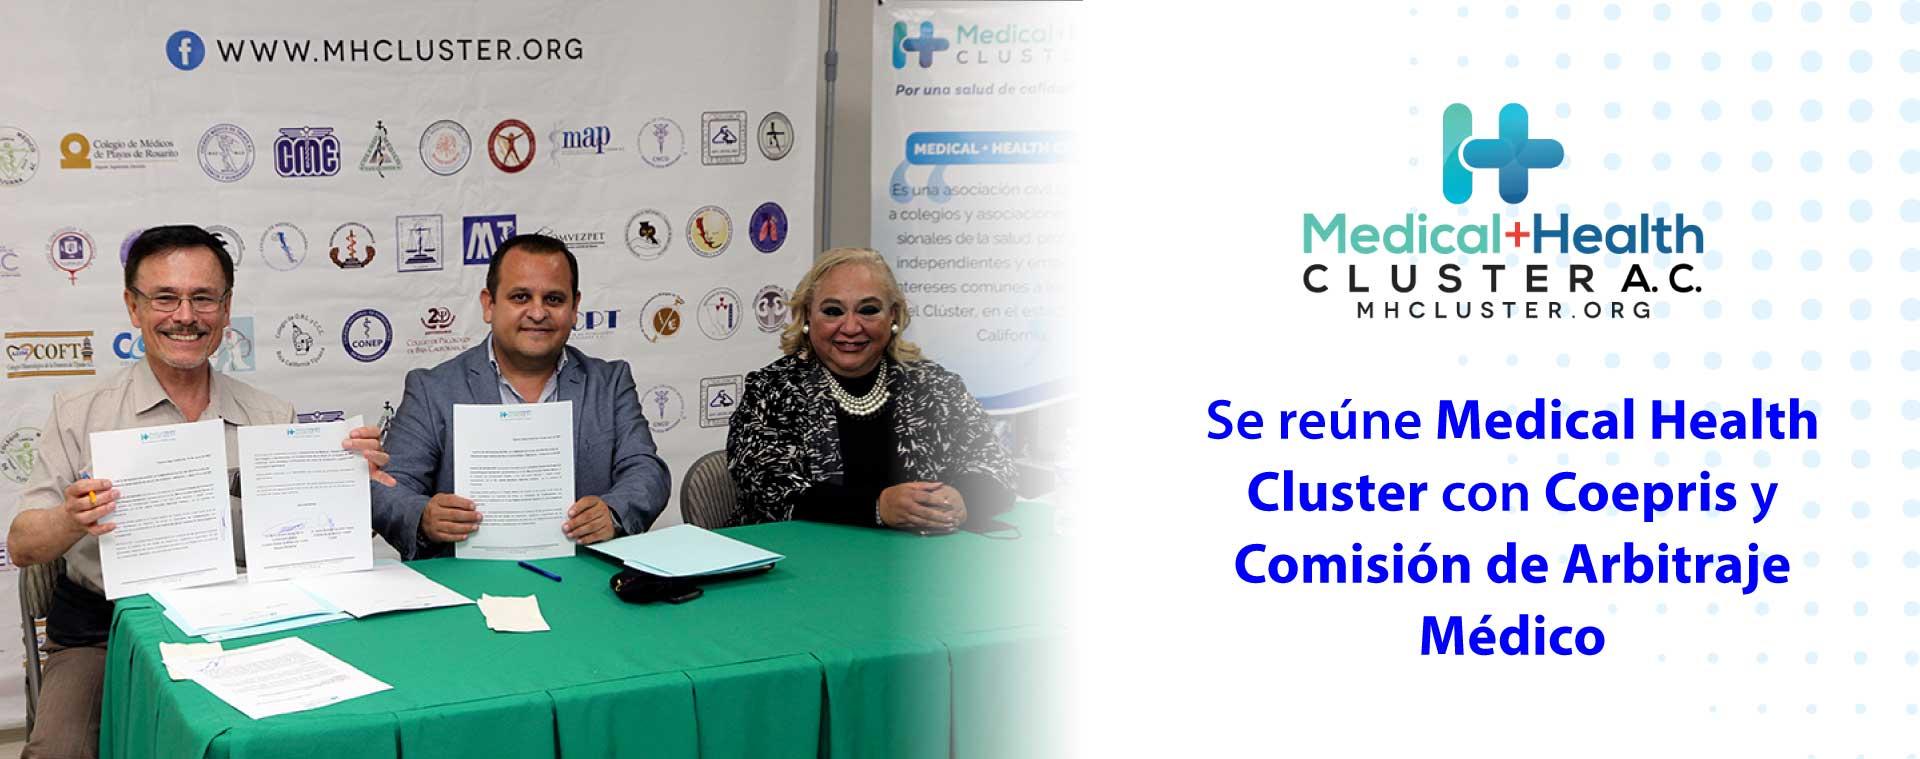 Reunion-COEPRIS-y-comisión-de-arbitraje-medico-2